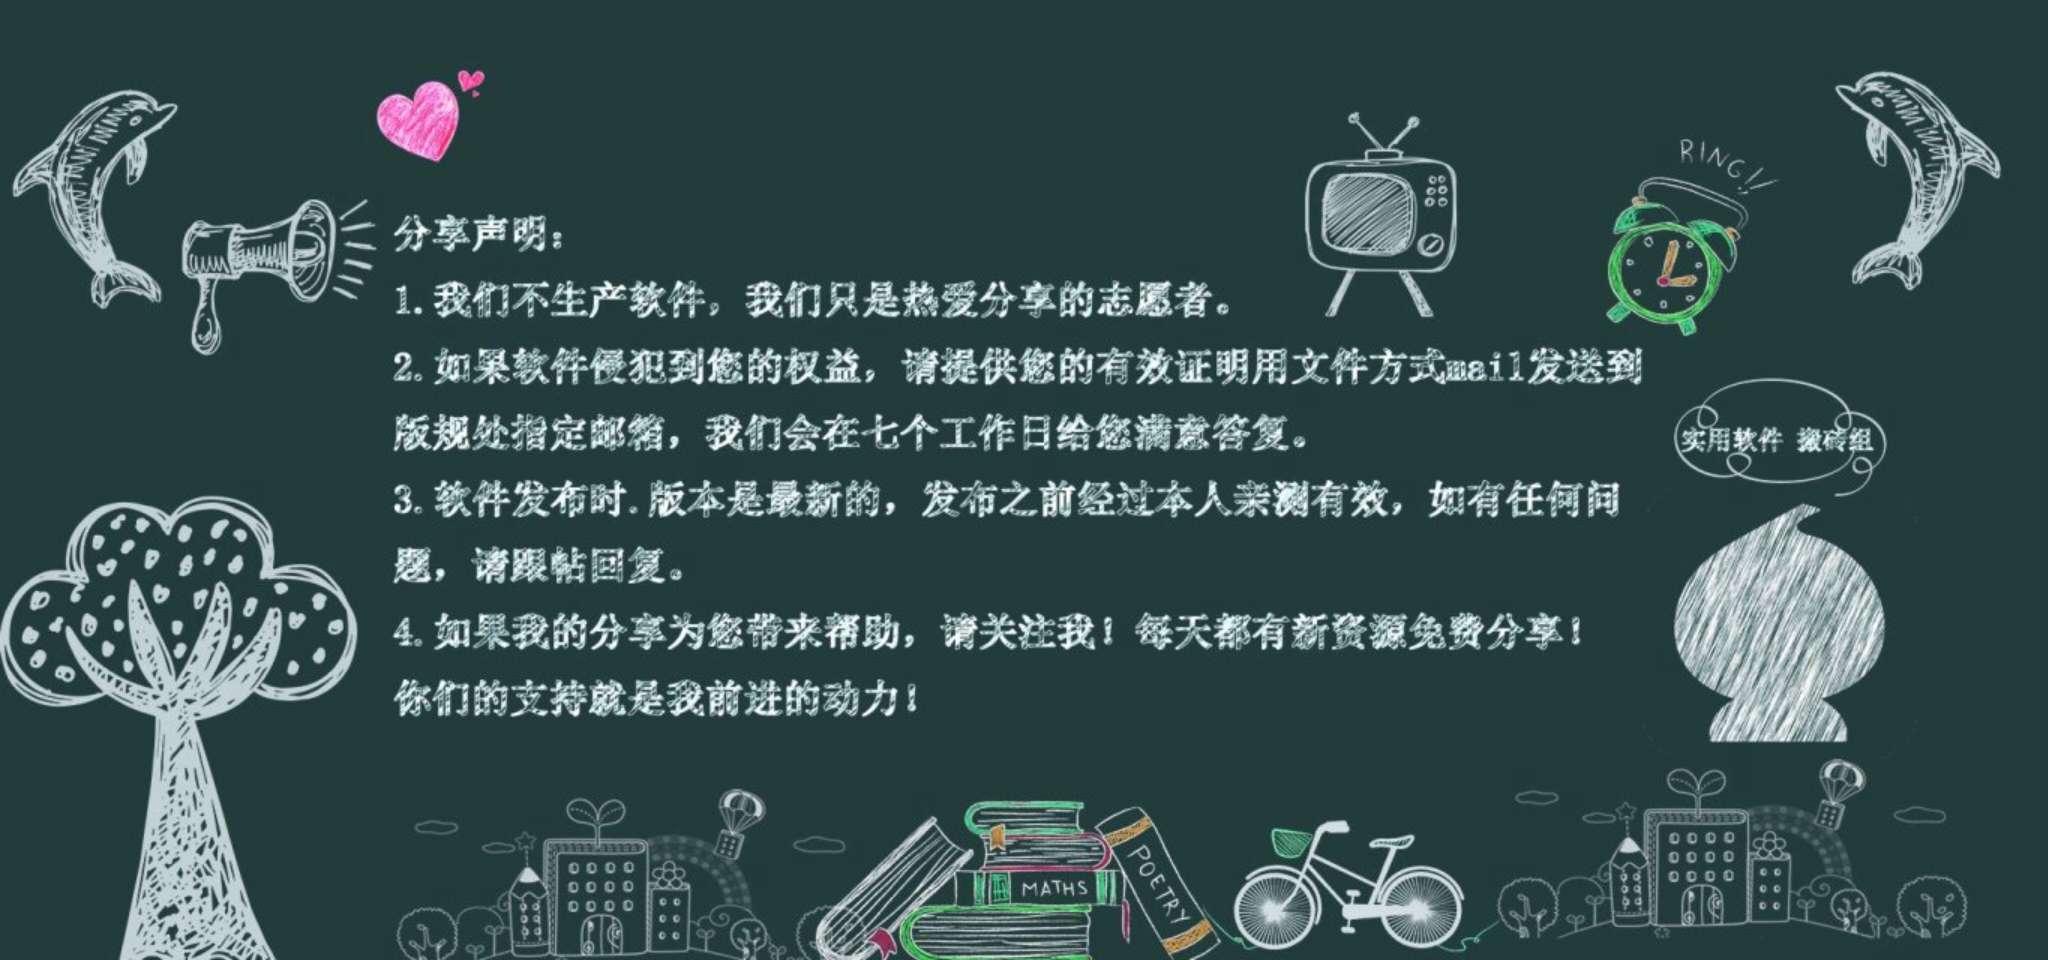 【资源分享】文图-爱小助